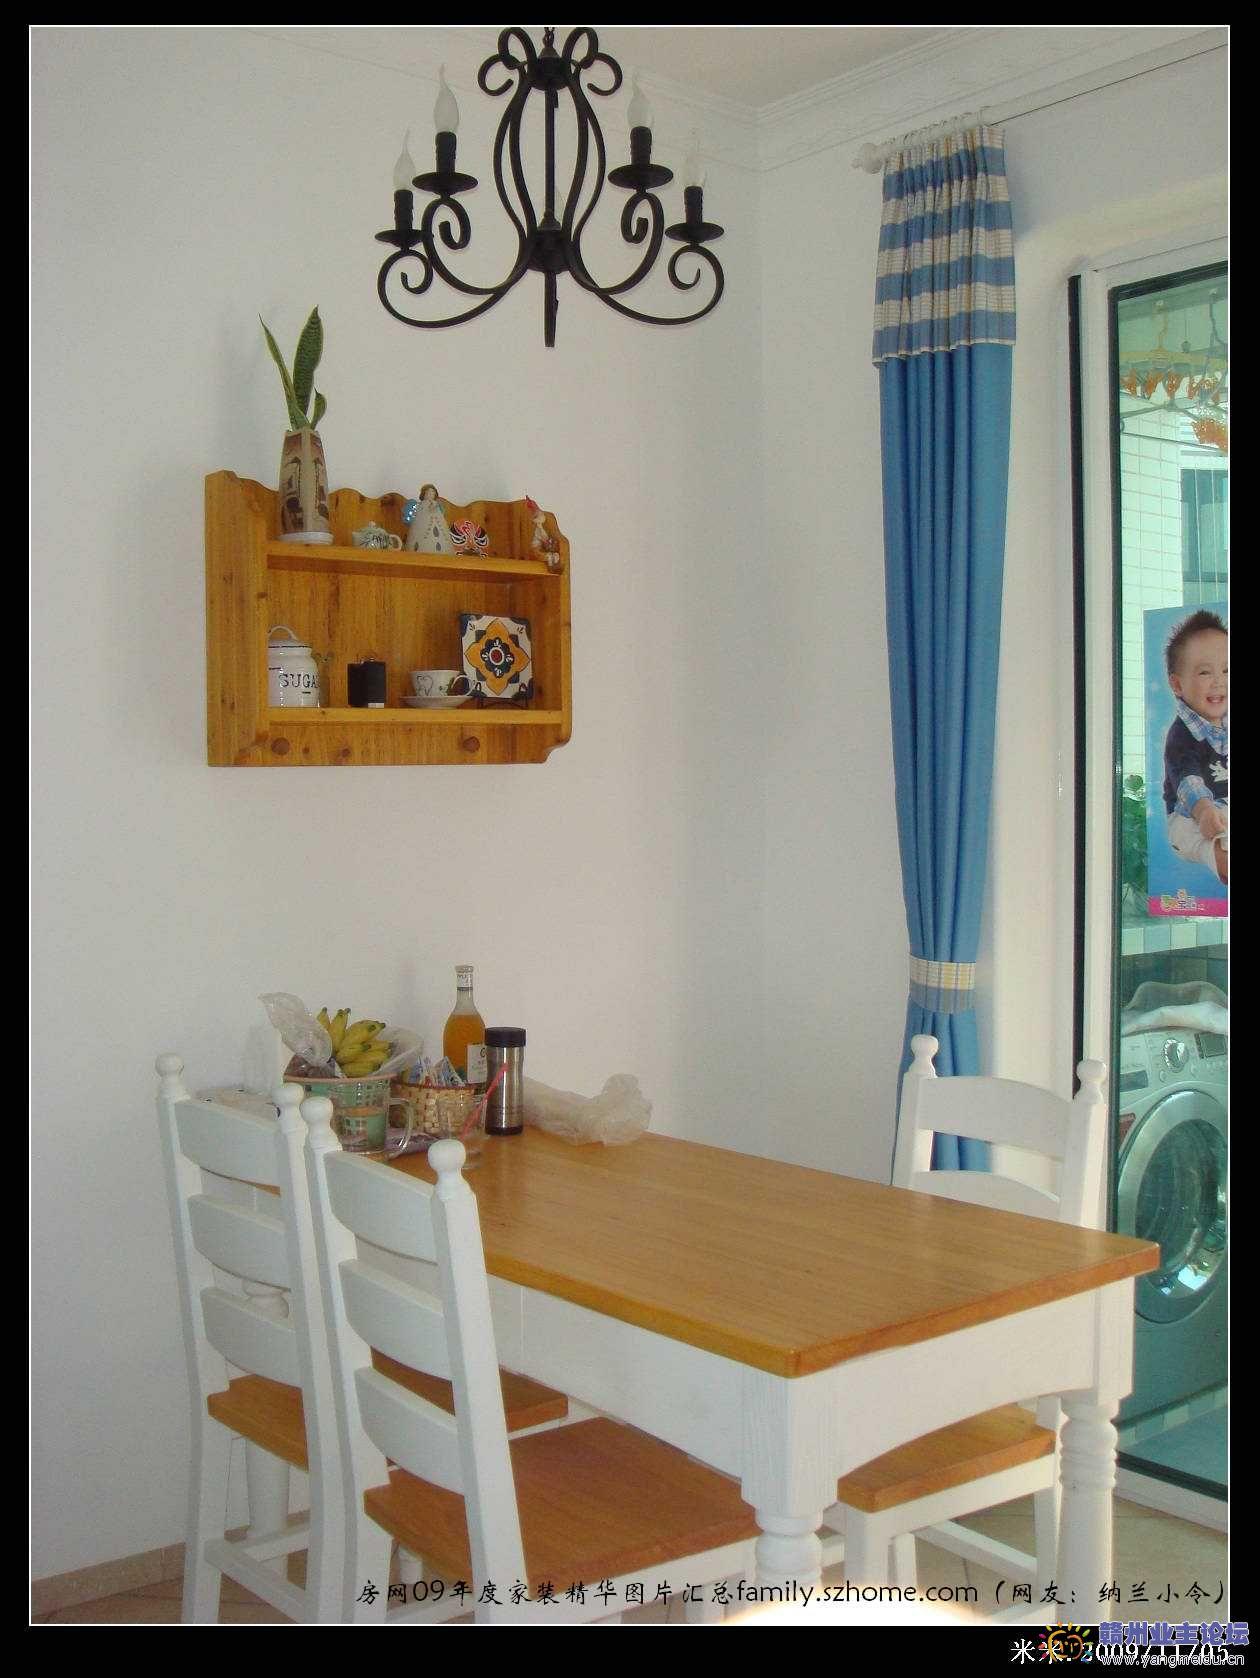 橱房装修效果图 餐厅装修效果图 厨房餐厅装修实景图 房网